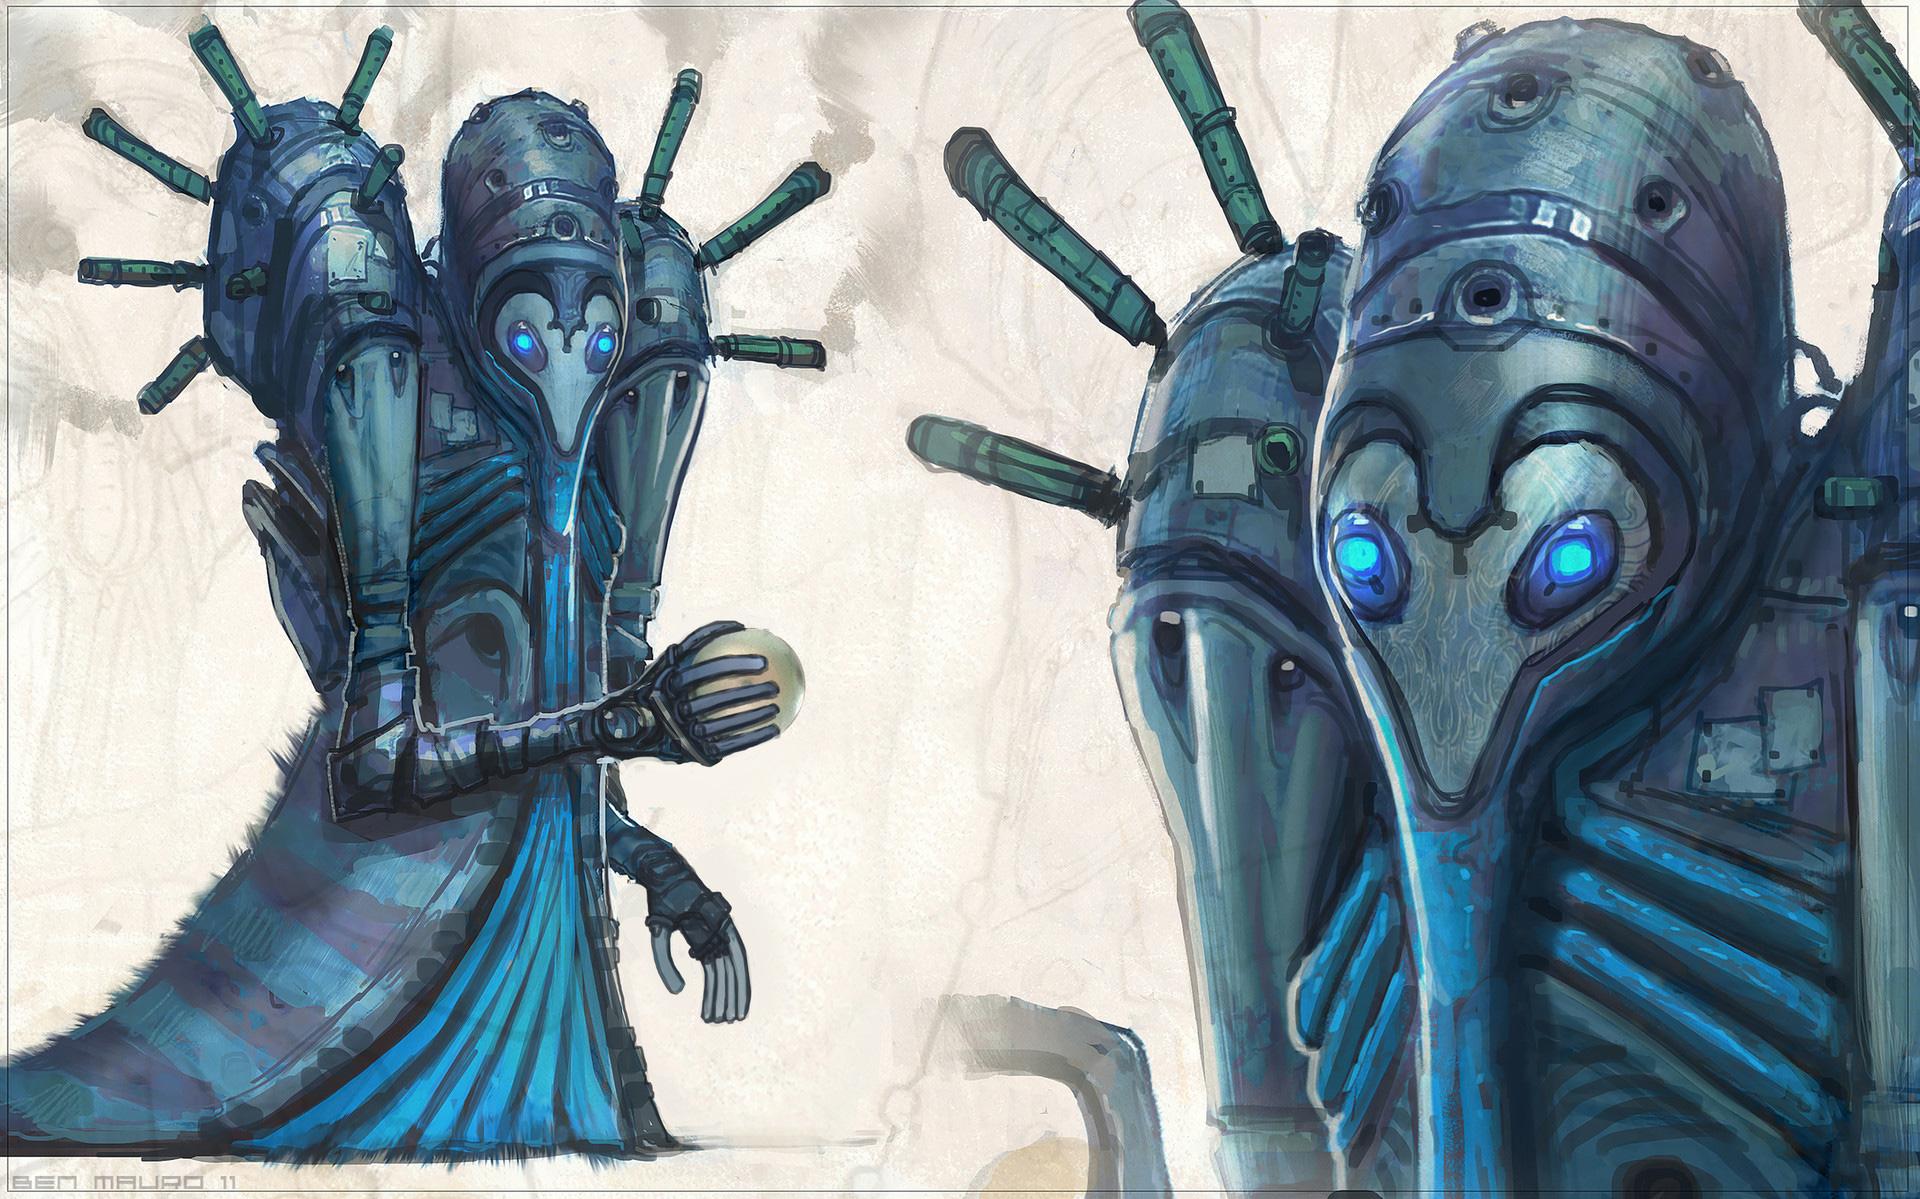 Valerian Concept Art by Ben Mauro